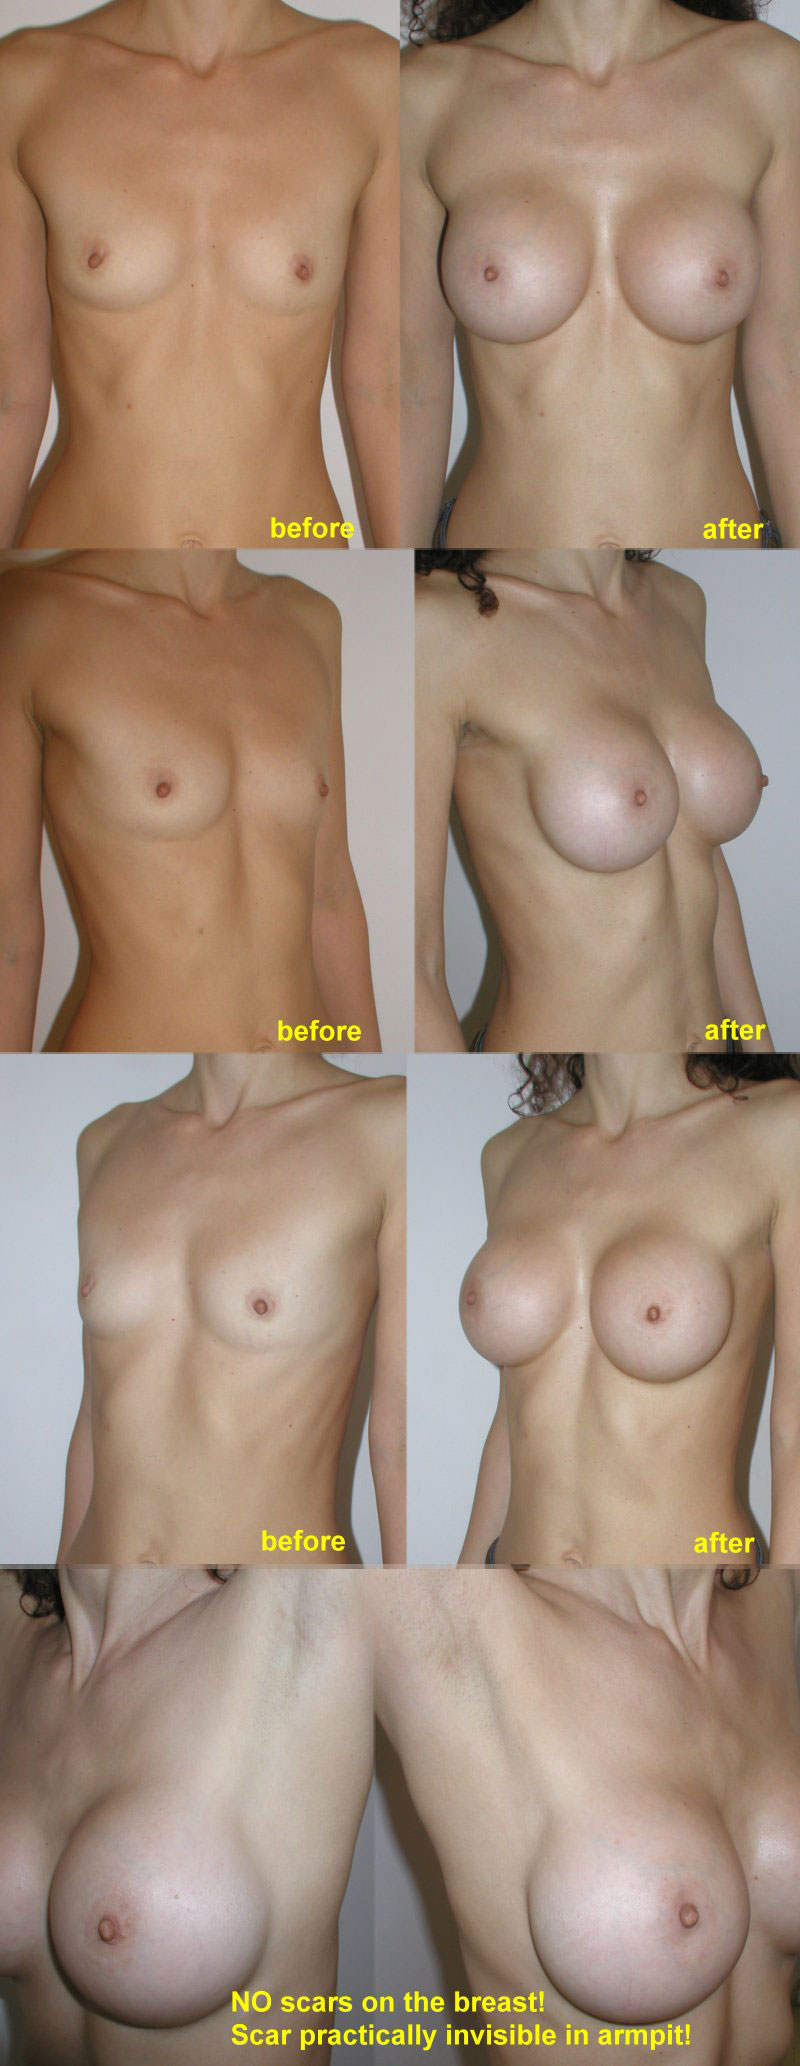 Pacienta de 36 ani, doreste sa recurga la interventia de augmentare mamara pentru o operatie estetica de marire de sani (silicoane), pentru apropiere sani dar si obtinerea unor sani armoniosi, naturali